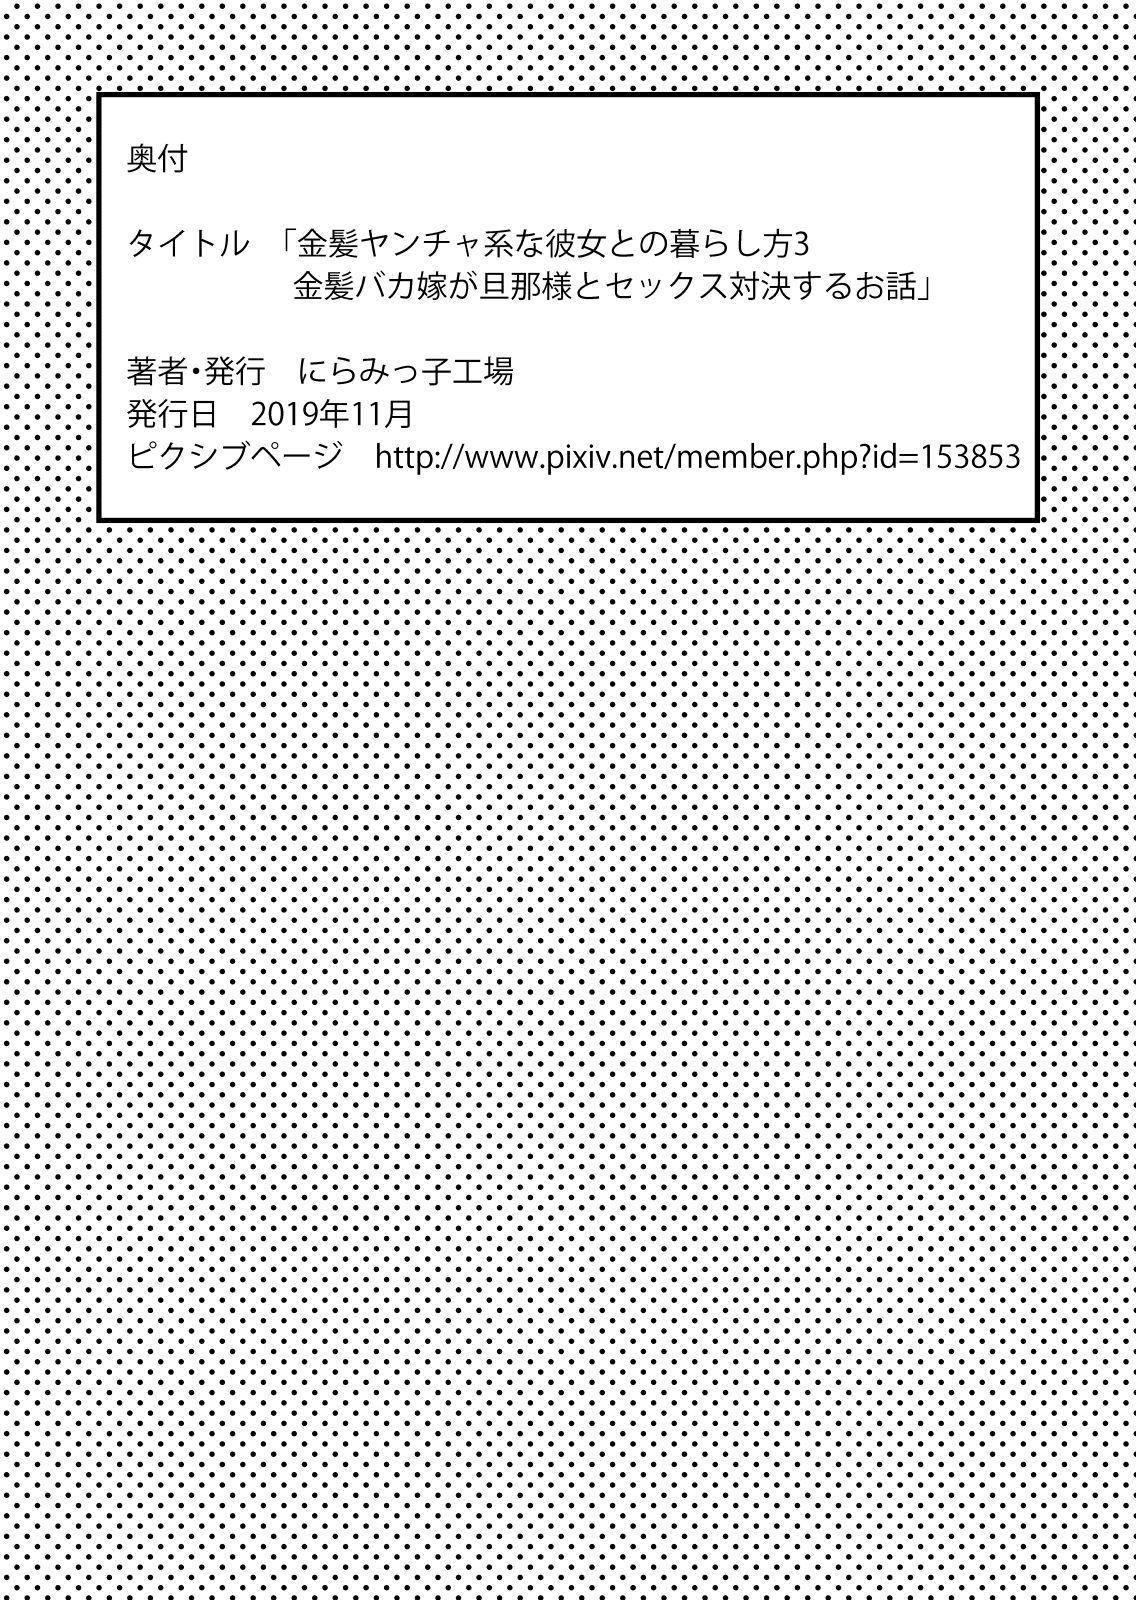 Kinpatsu Yancha-kei na Kanojo to no Kurashikata 3 52